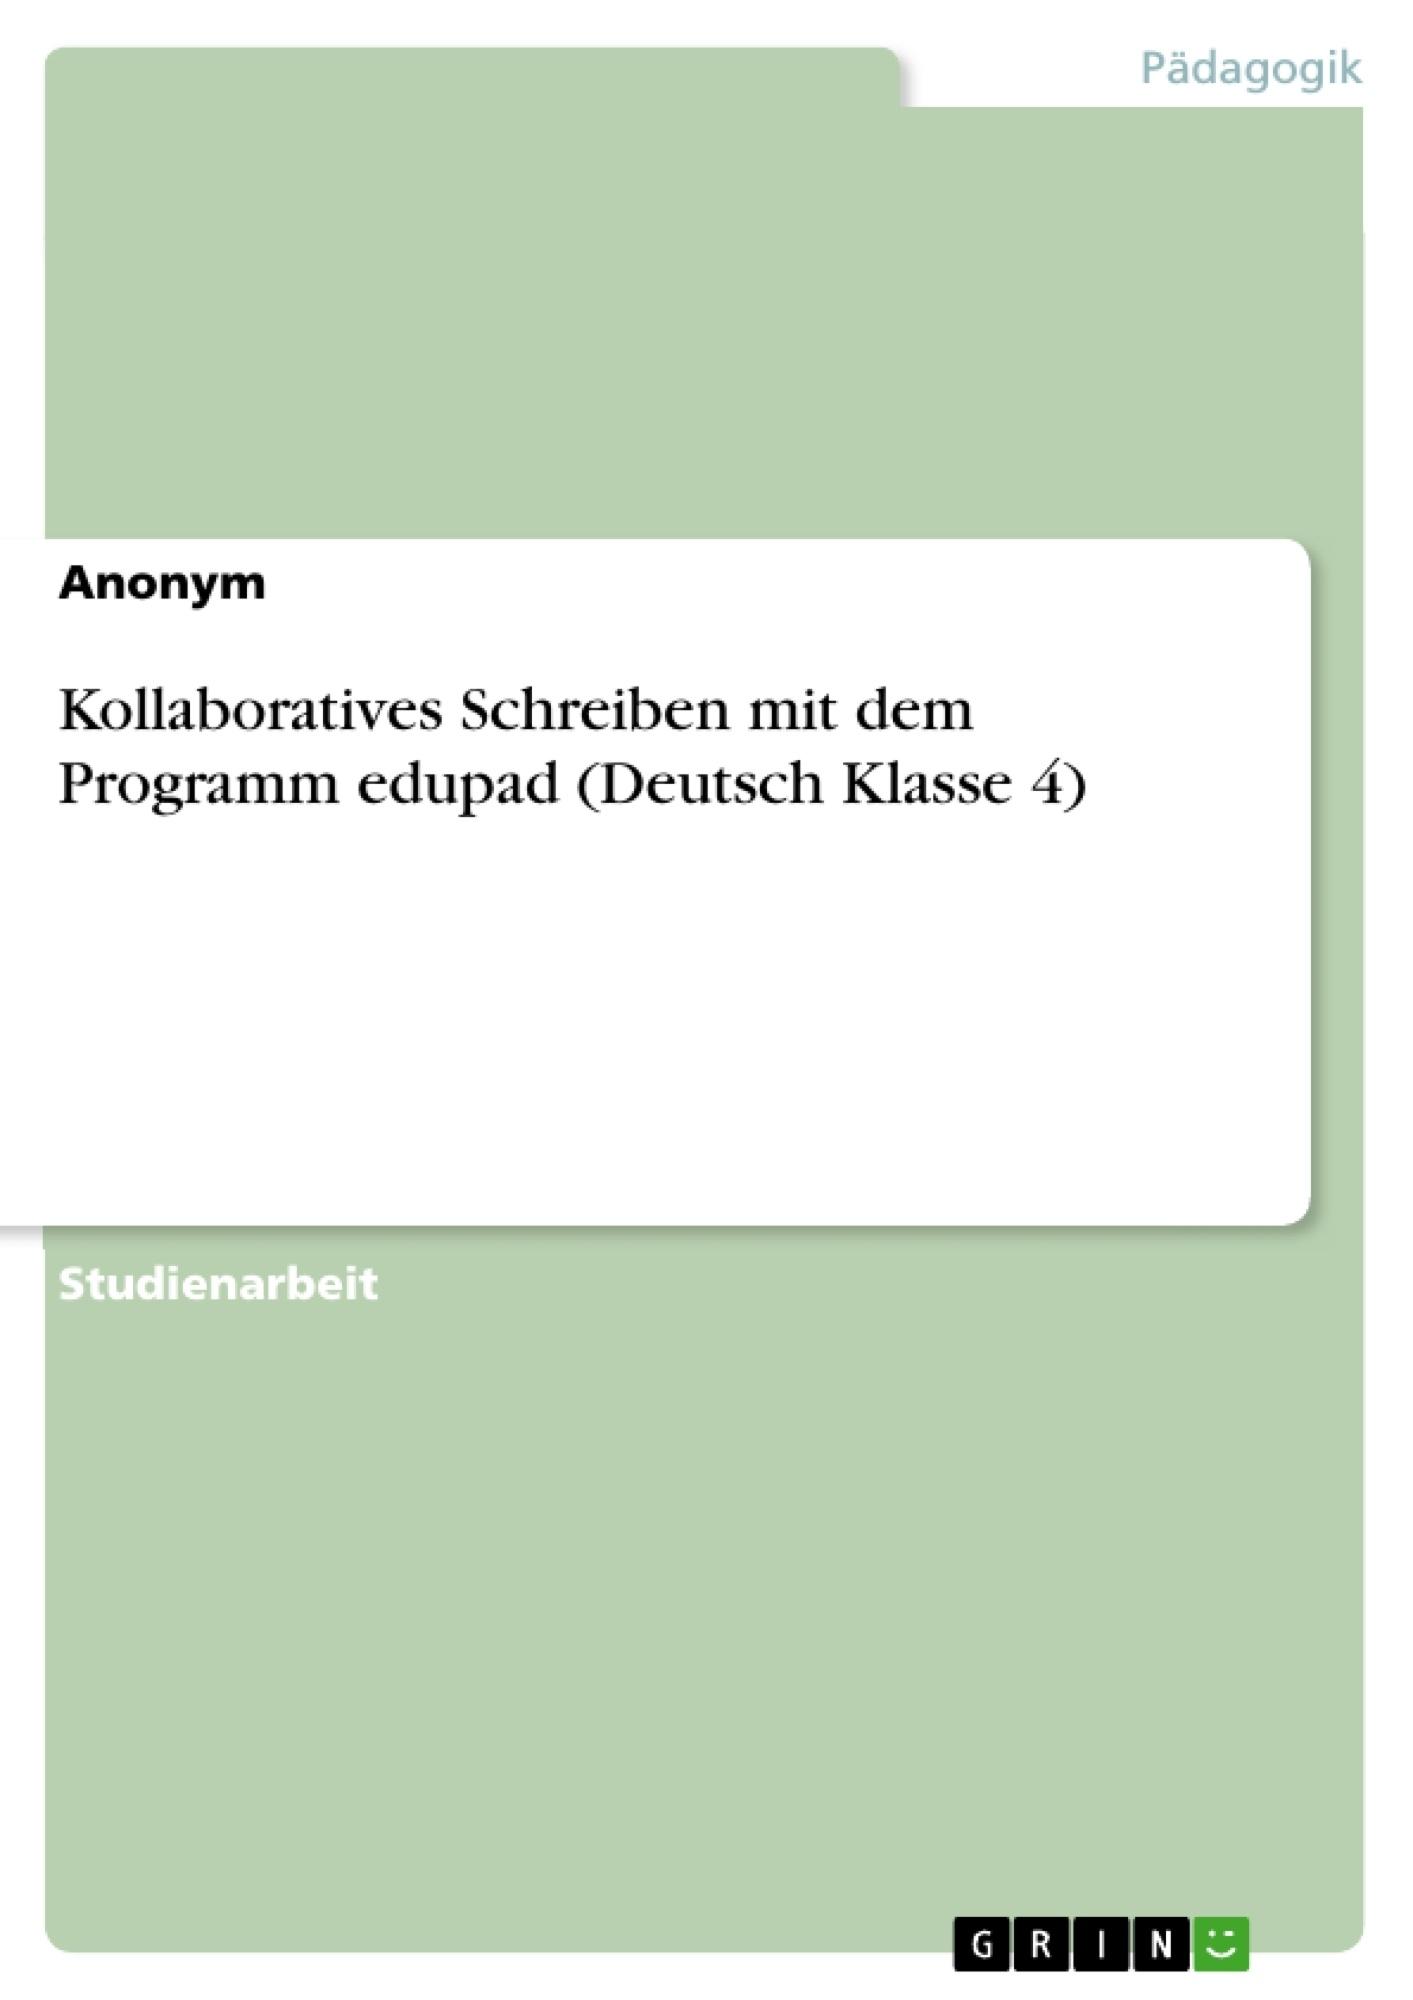 Titel: Kollaboratives Schreiben mit dem Programm edupad (Deutsch Klasse 4)